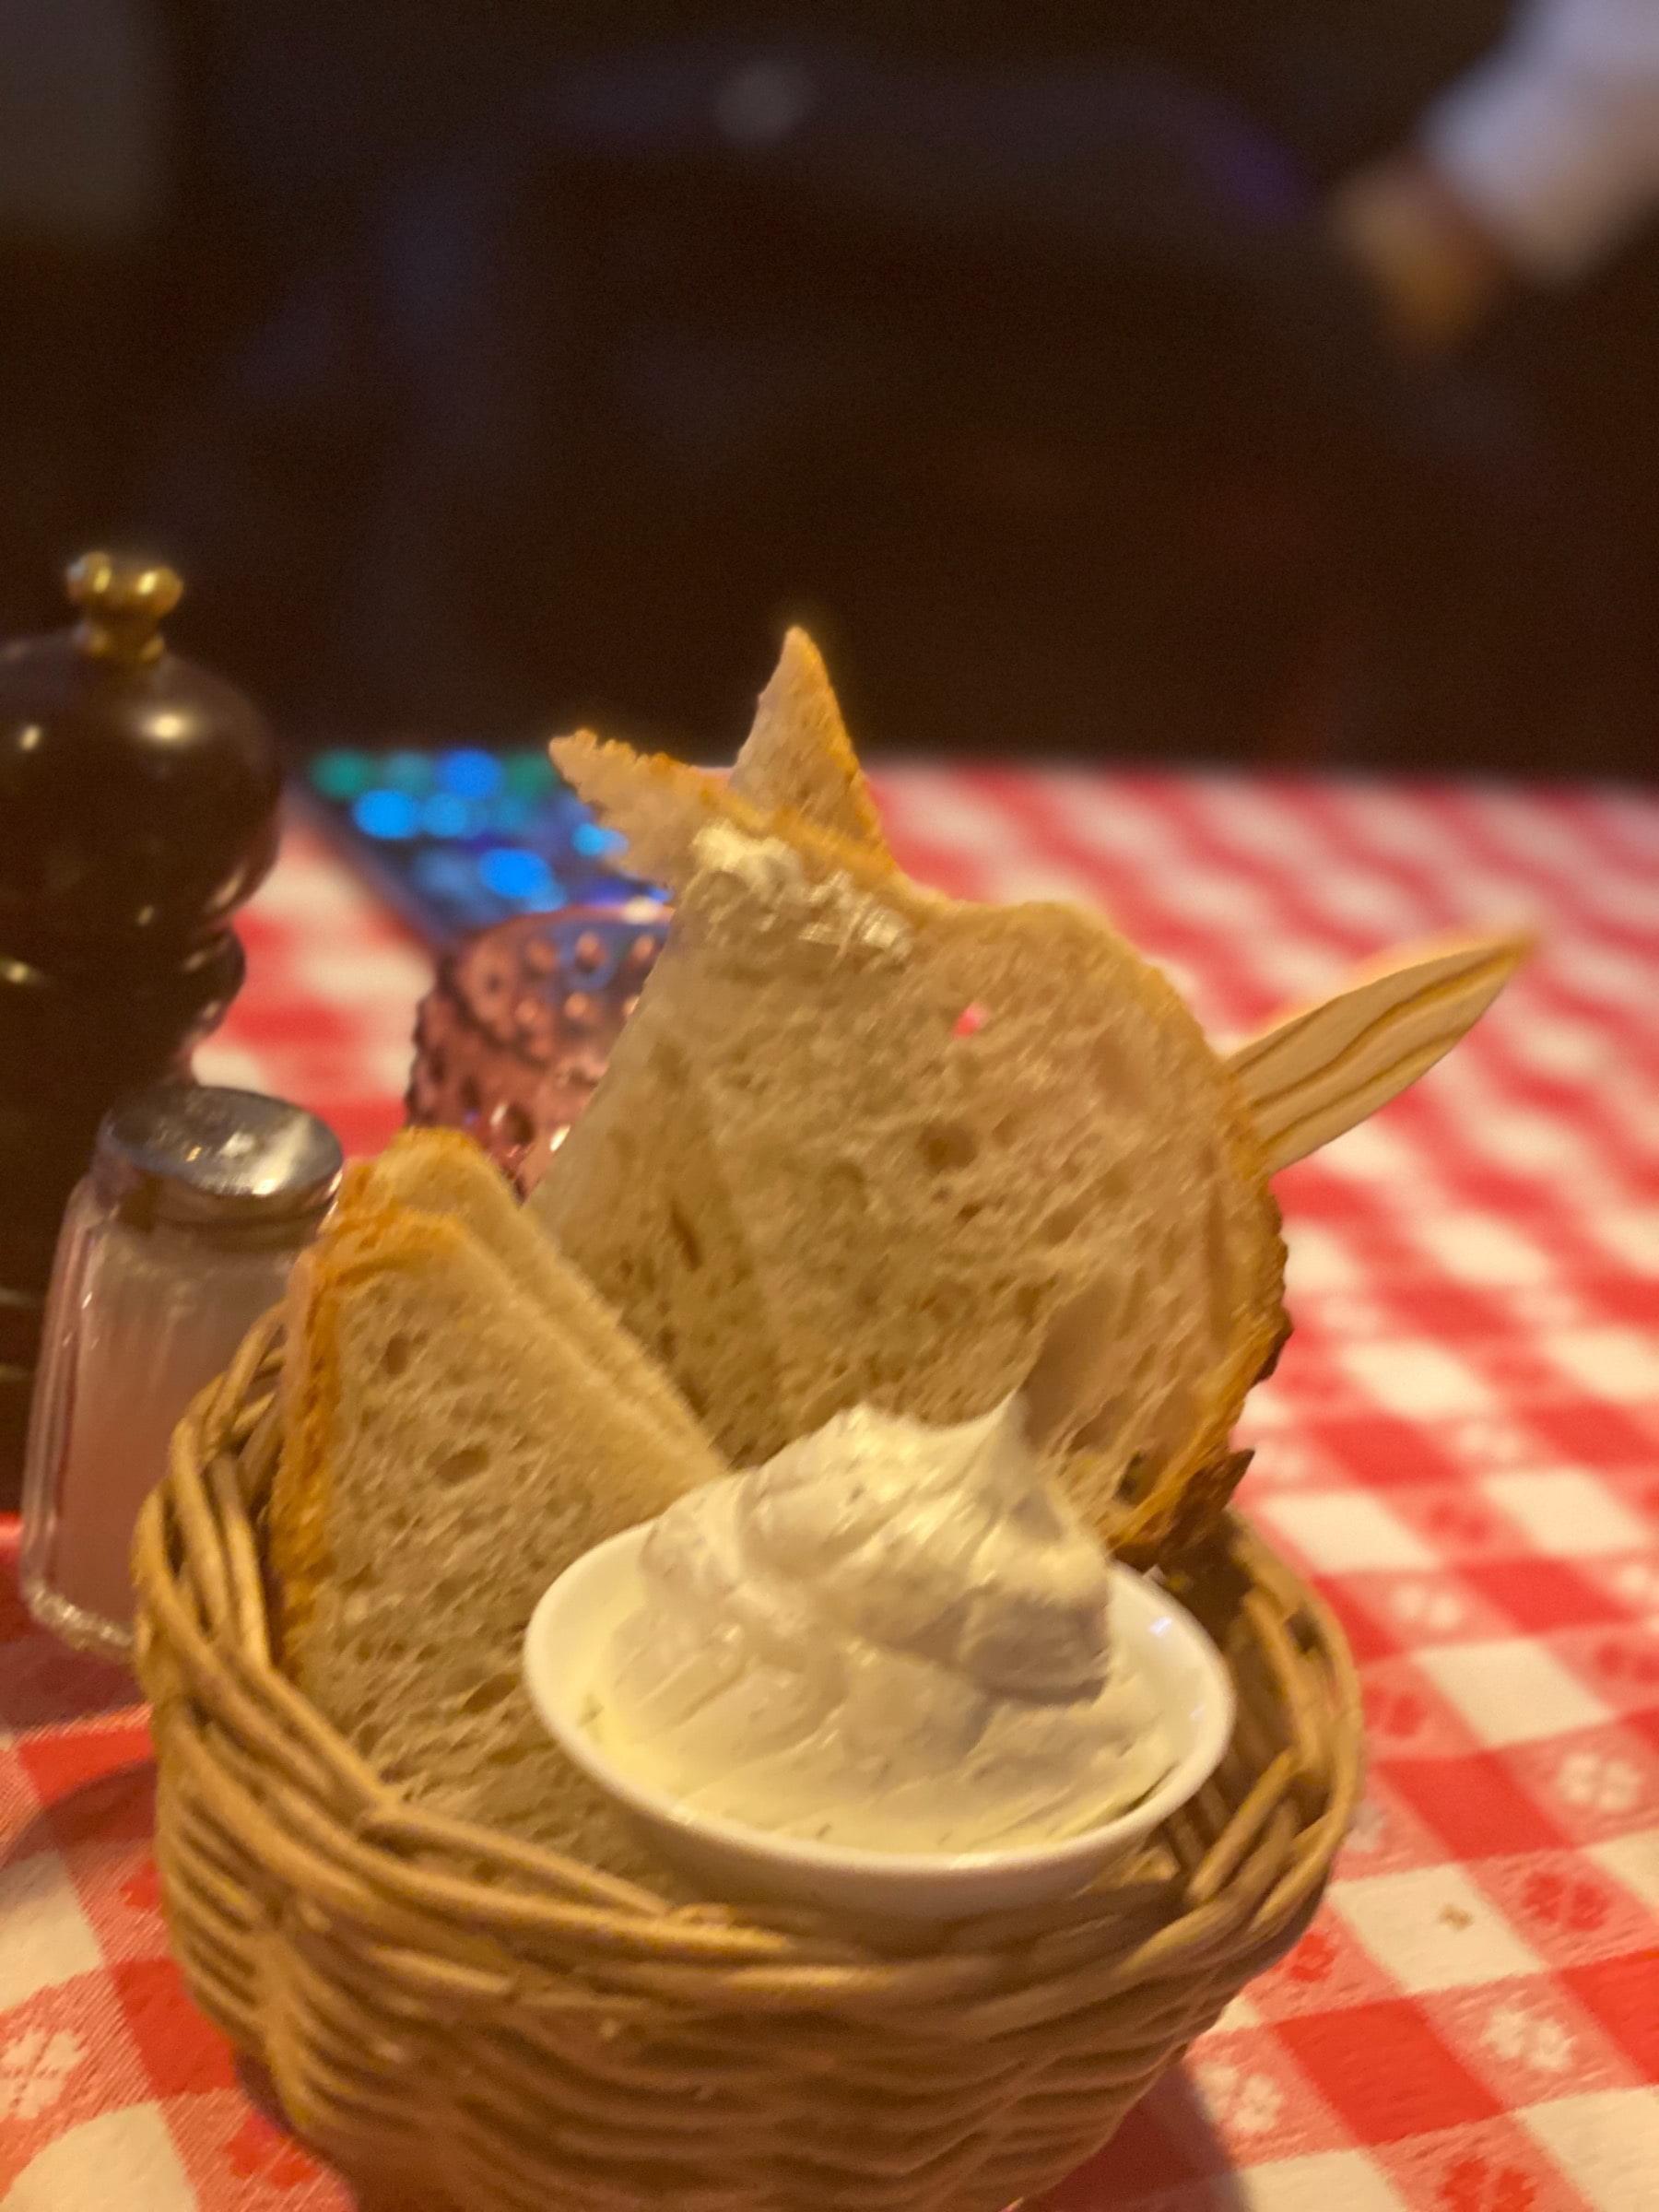 Vispat smör och riktigt levain – Bild från Café Colette av Annelie V.